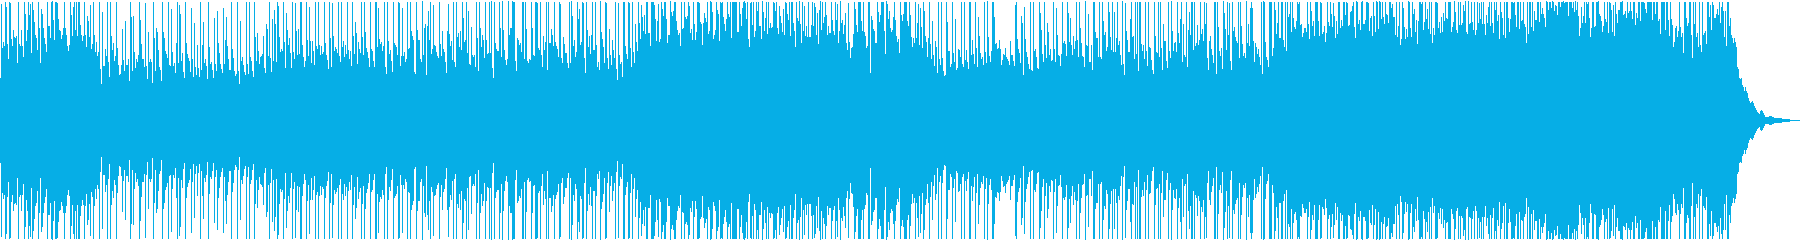 切ないコード進行で奏でるバンドサウンドの再生済みの波形